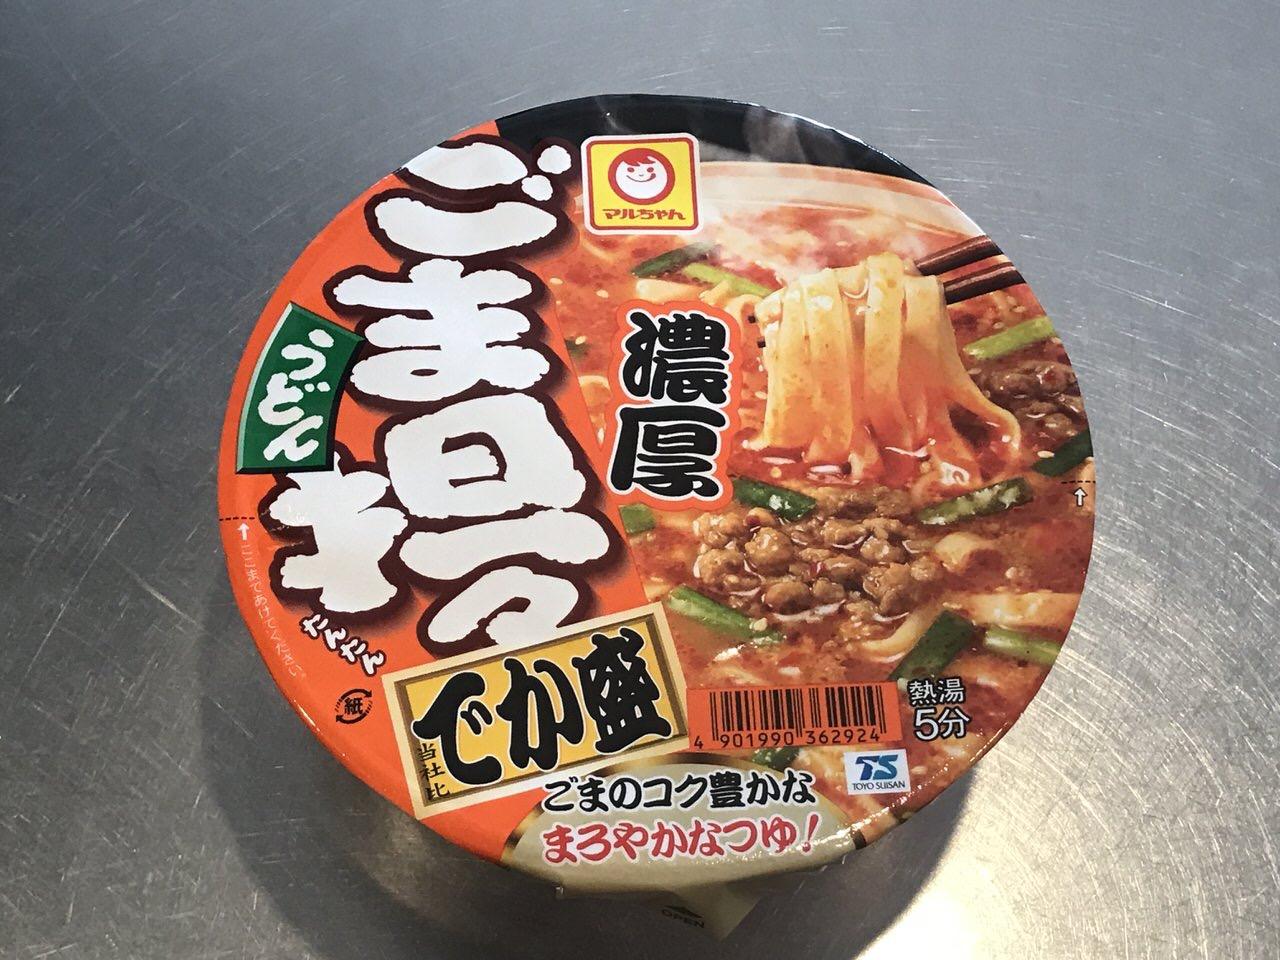 「マルちゃん 濃厚ごま担々うどん でか盛」平打ち麺が担々スープに絡んで美味い!【感想】